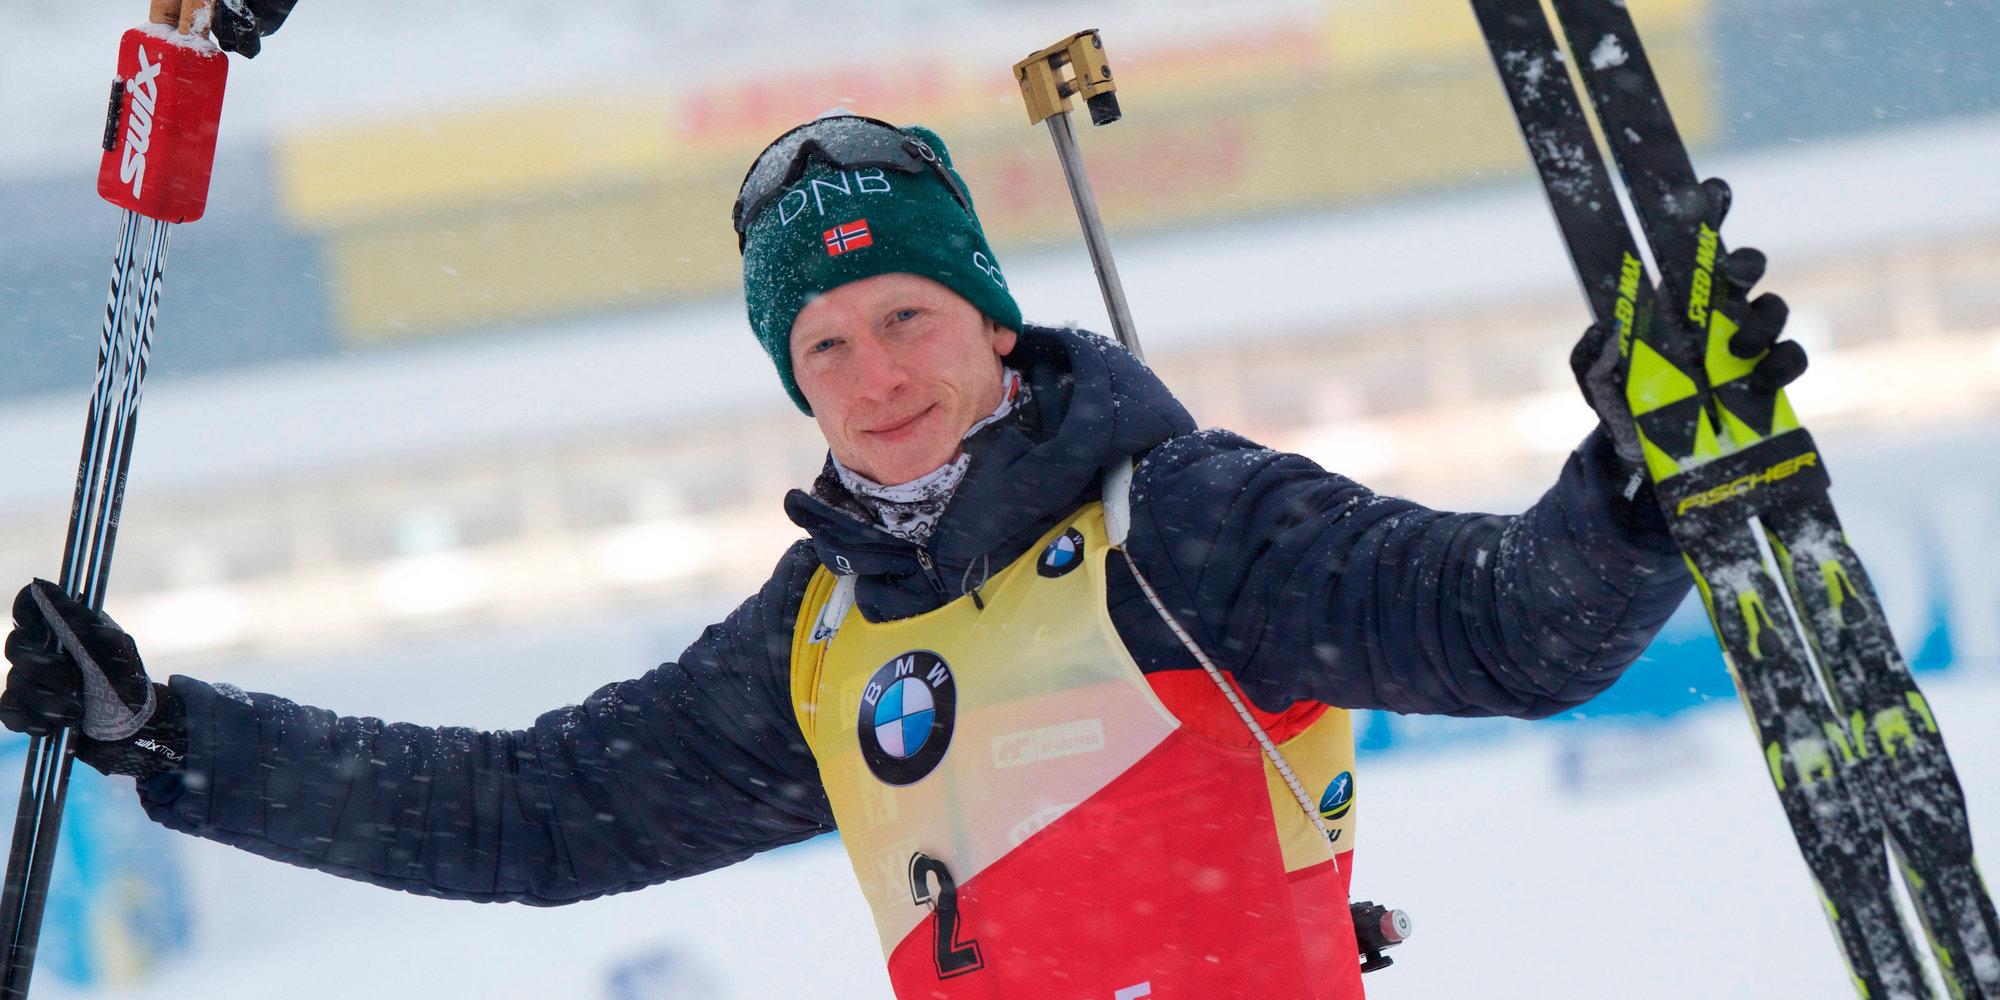 Норвежский биатлонист Йоханнес Бё одержал восьмую победу в сезоне